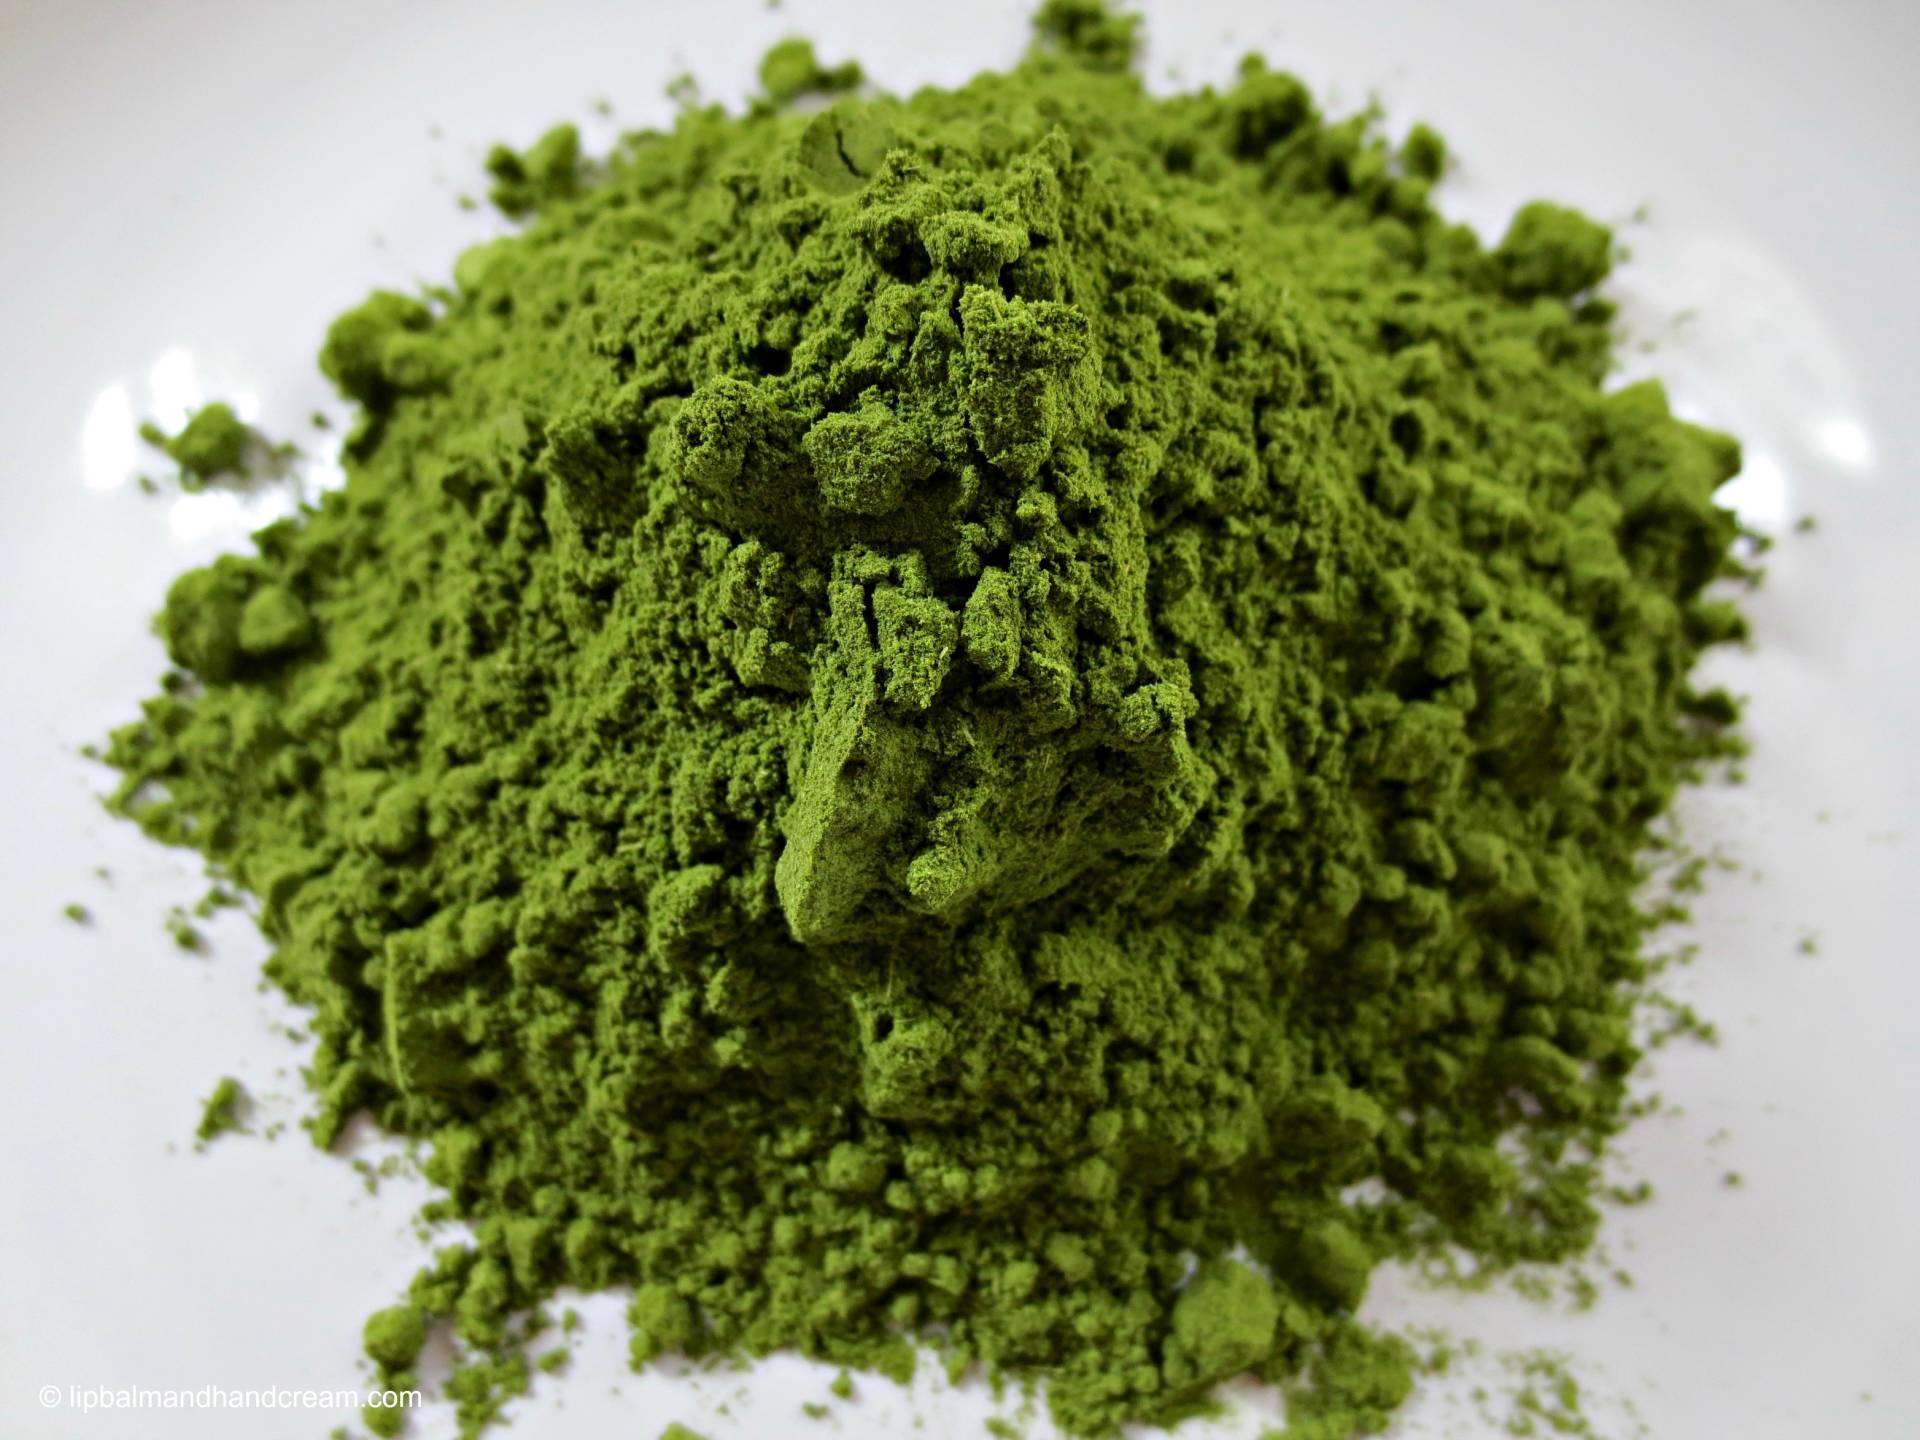 Supergreens - moringa shown here